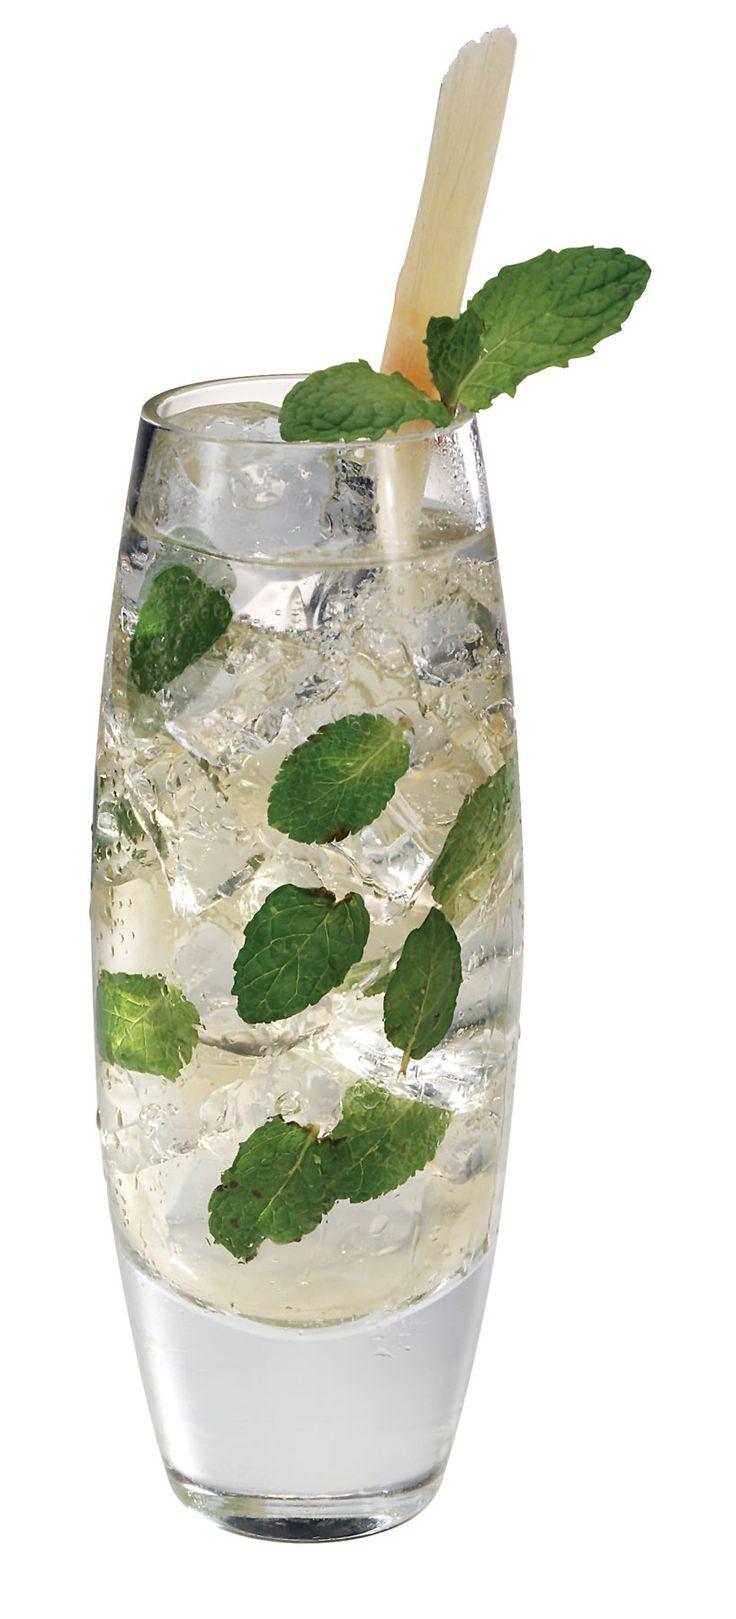 Una rica y ardiente bebida ideal para los días frescos del invierno. Muy fácil de realizar y con pocos ingredientes. Ingredientes 30 centímetros cúbicos de